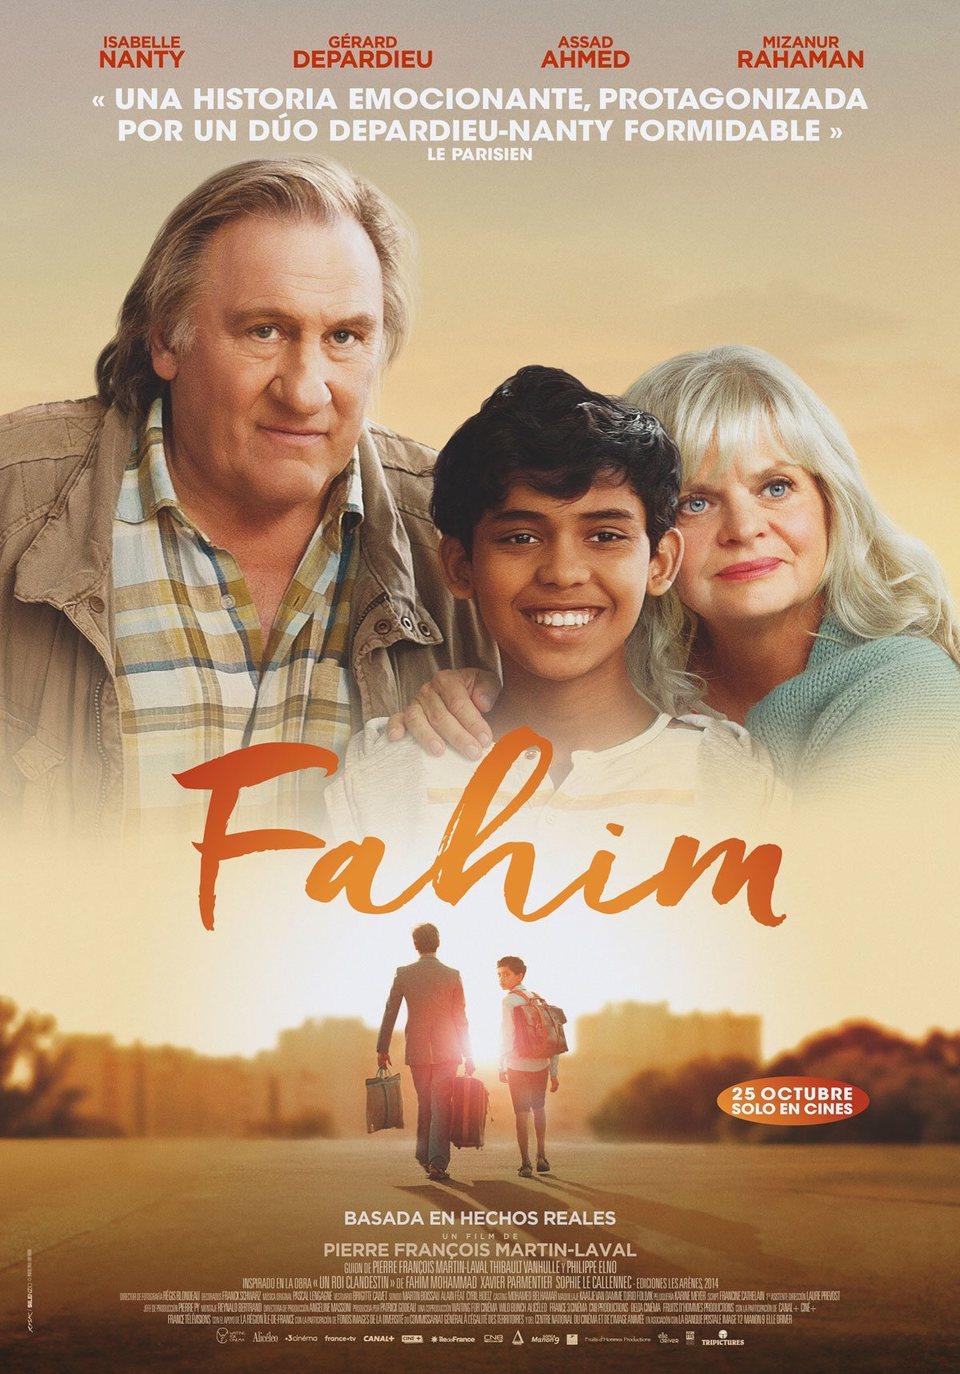 Cartel España #1 de 'Fahim'